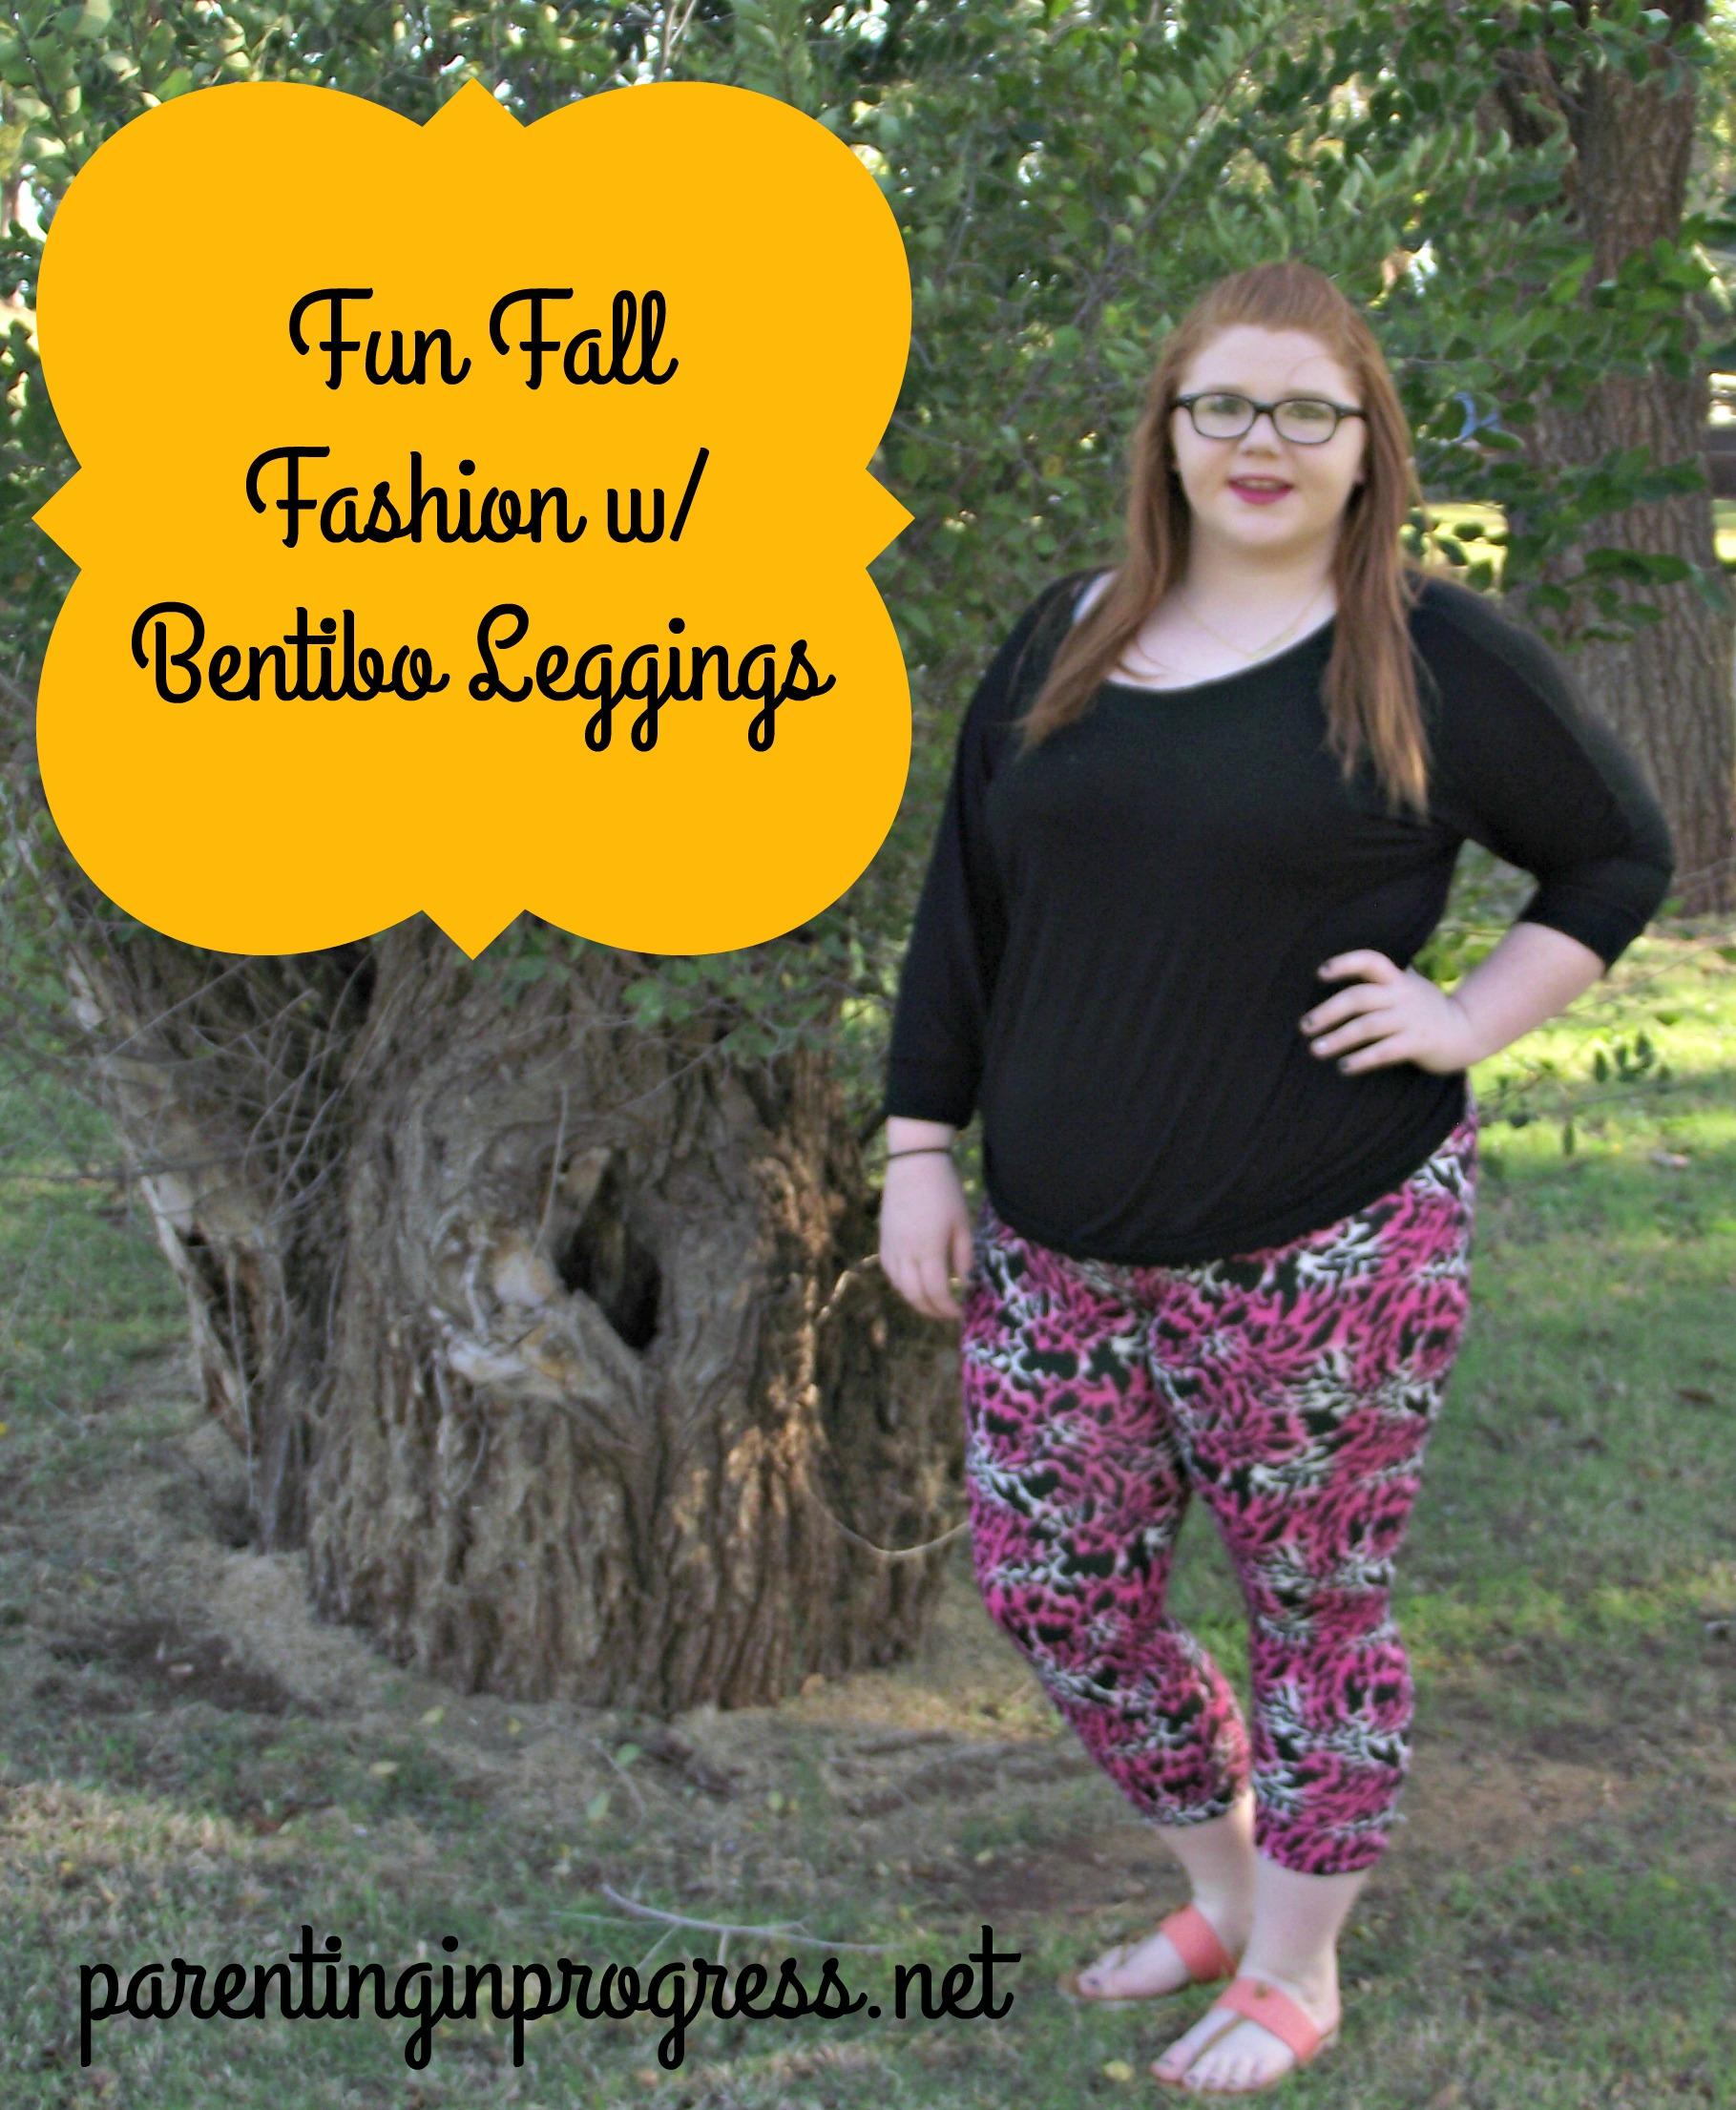 Fun Fall Fashion w/ Bentibo Leggings